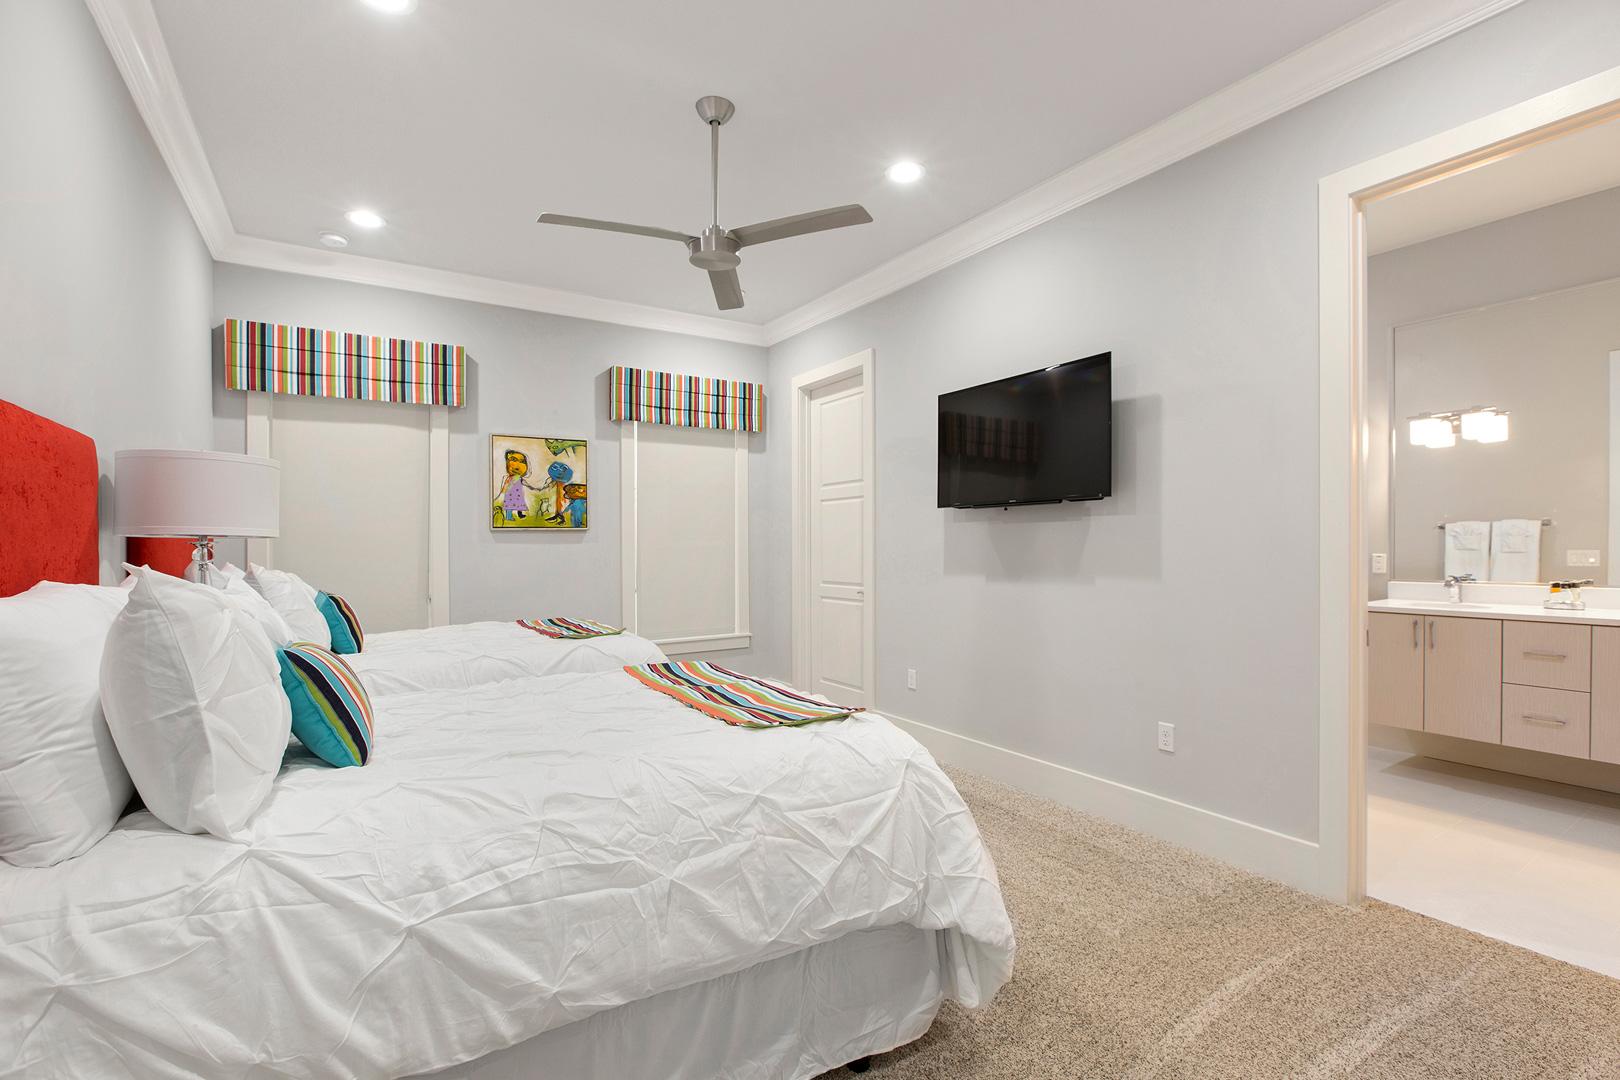 Bedrooms46